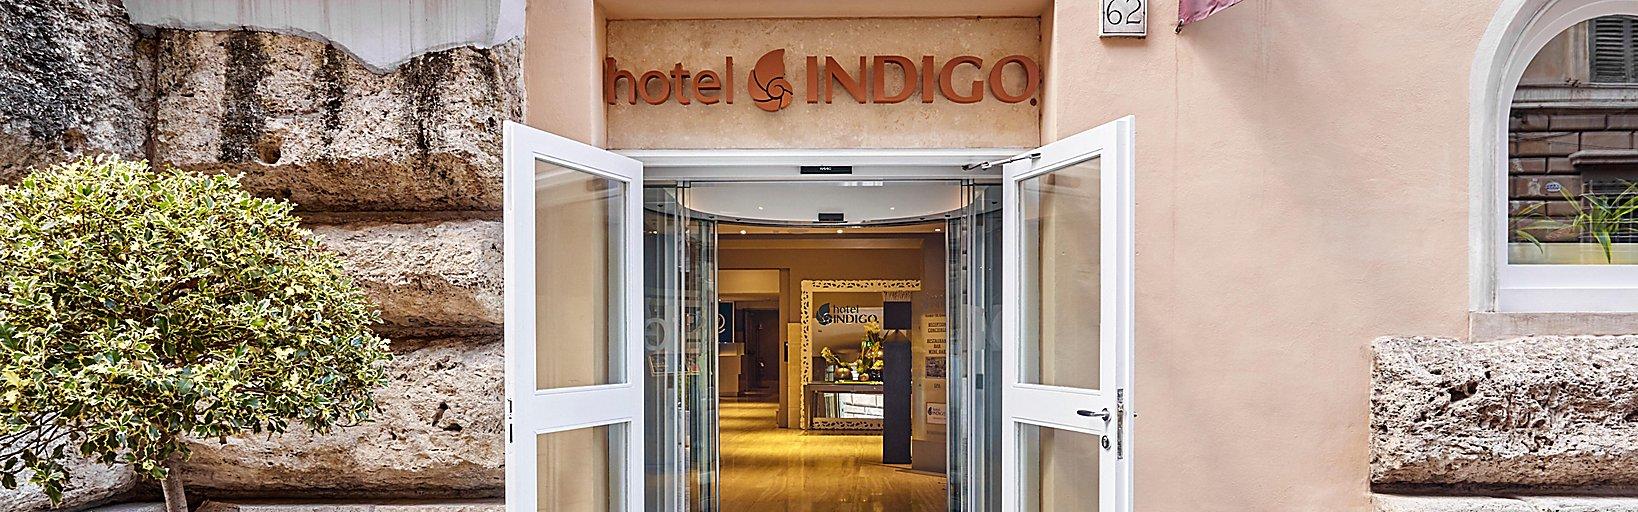 Hotel Indigo Rome - St. George - Prenota il tuo soggiorno a Rome